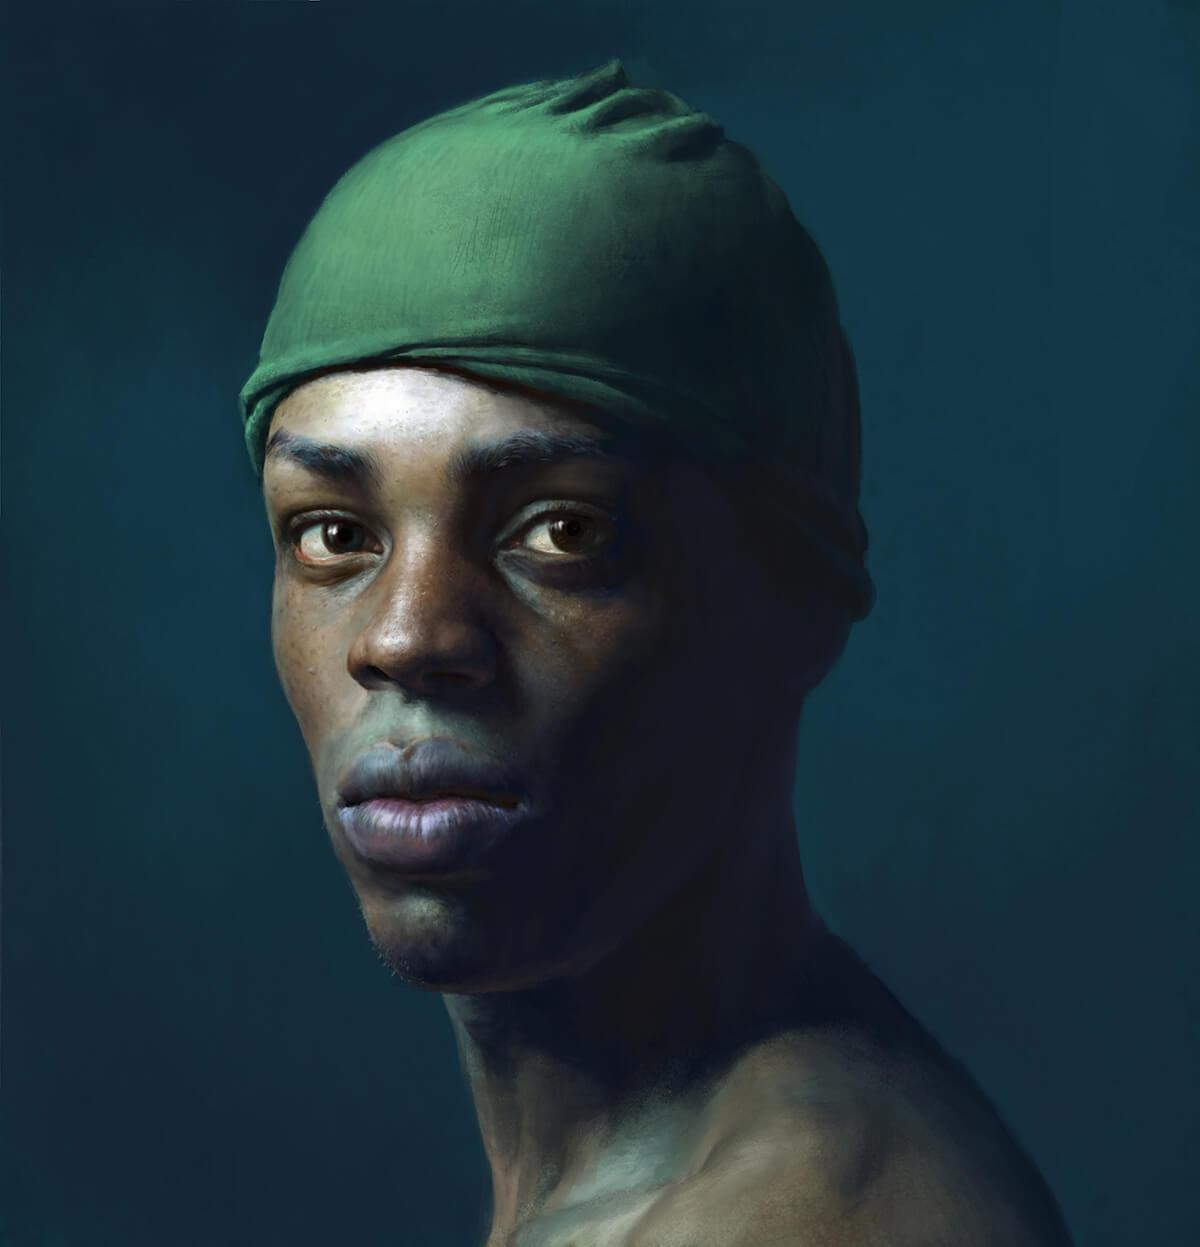 Pintura Digital. Diego Catalán. Estudio Nigredo - Academia de Pintura y Dibujo